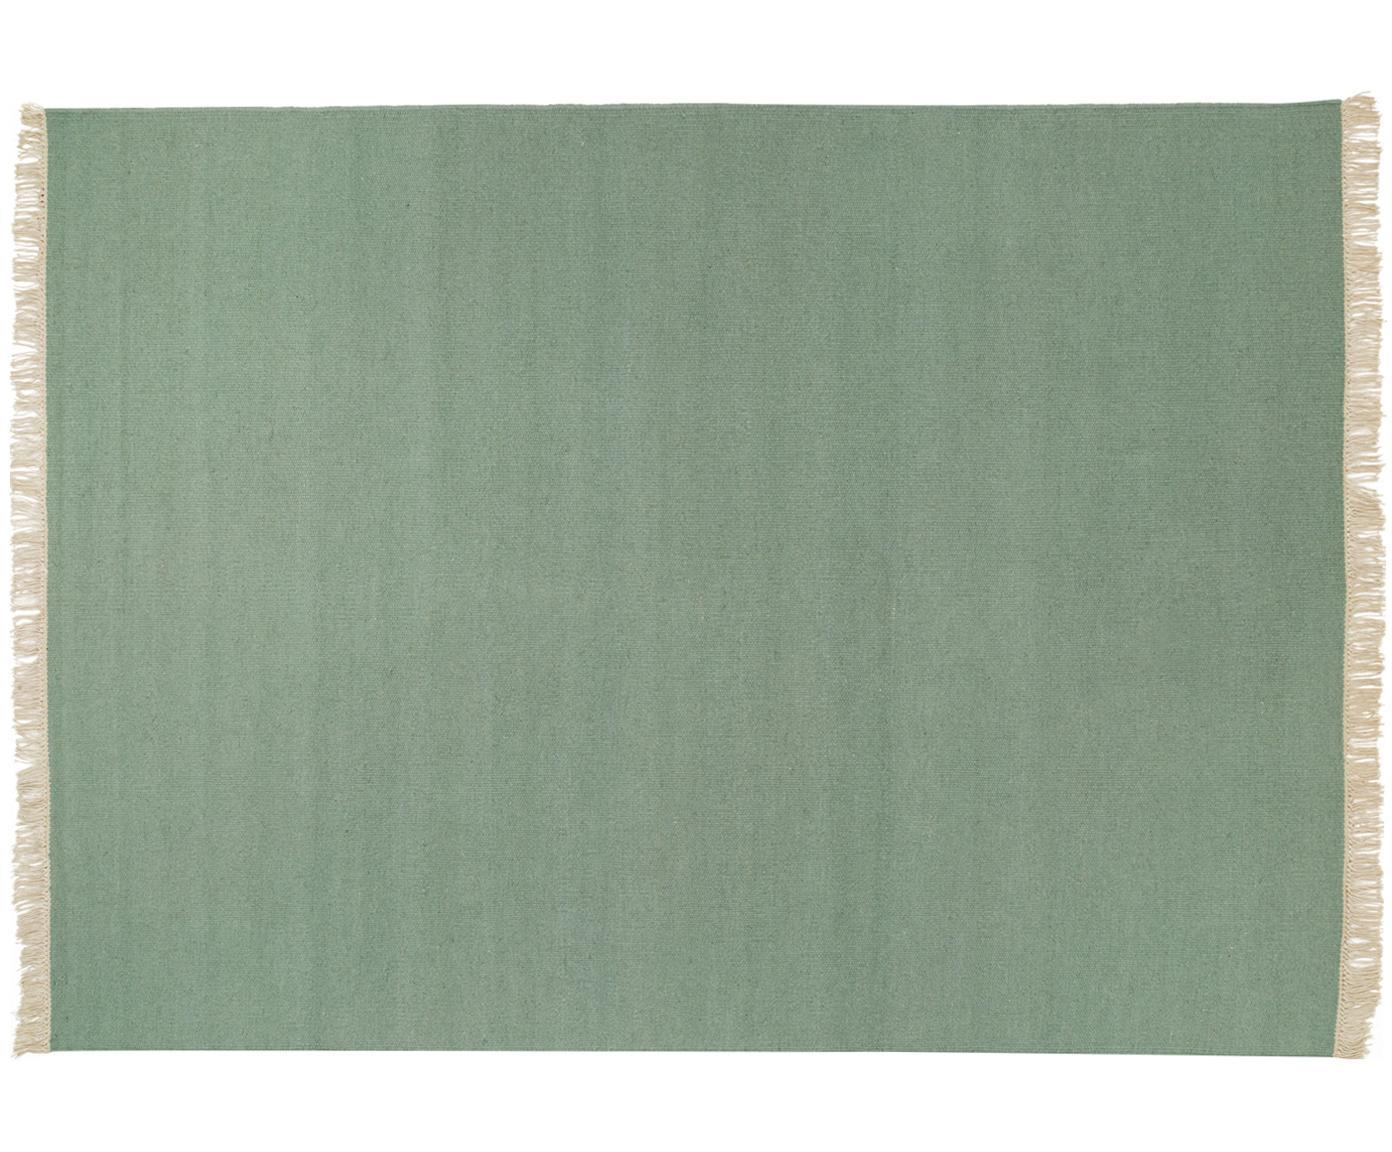 Handgewebter Wollteppich Rainbow in Grün mit Fransen, Flor: 100% Wolle, Pistazie, B 140 x L 200 cm (Grösse S)